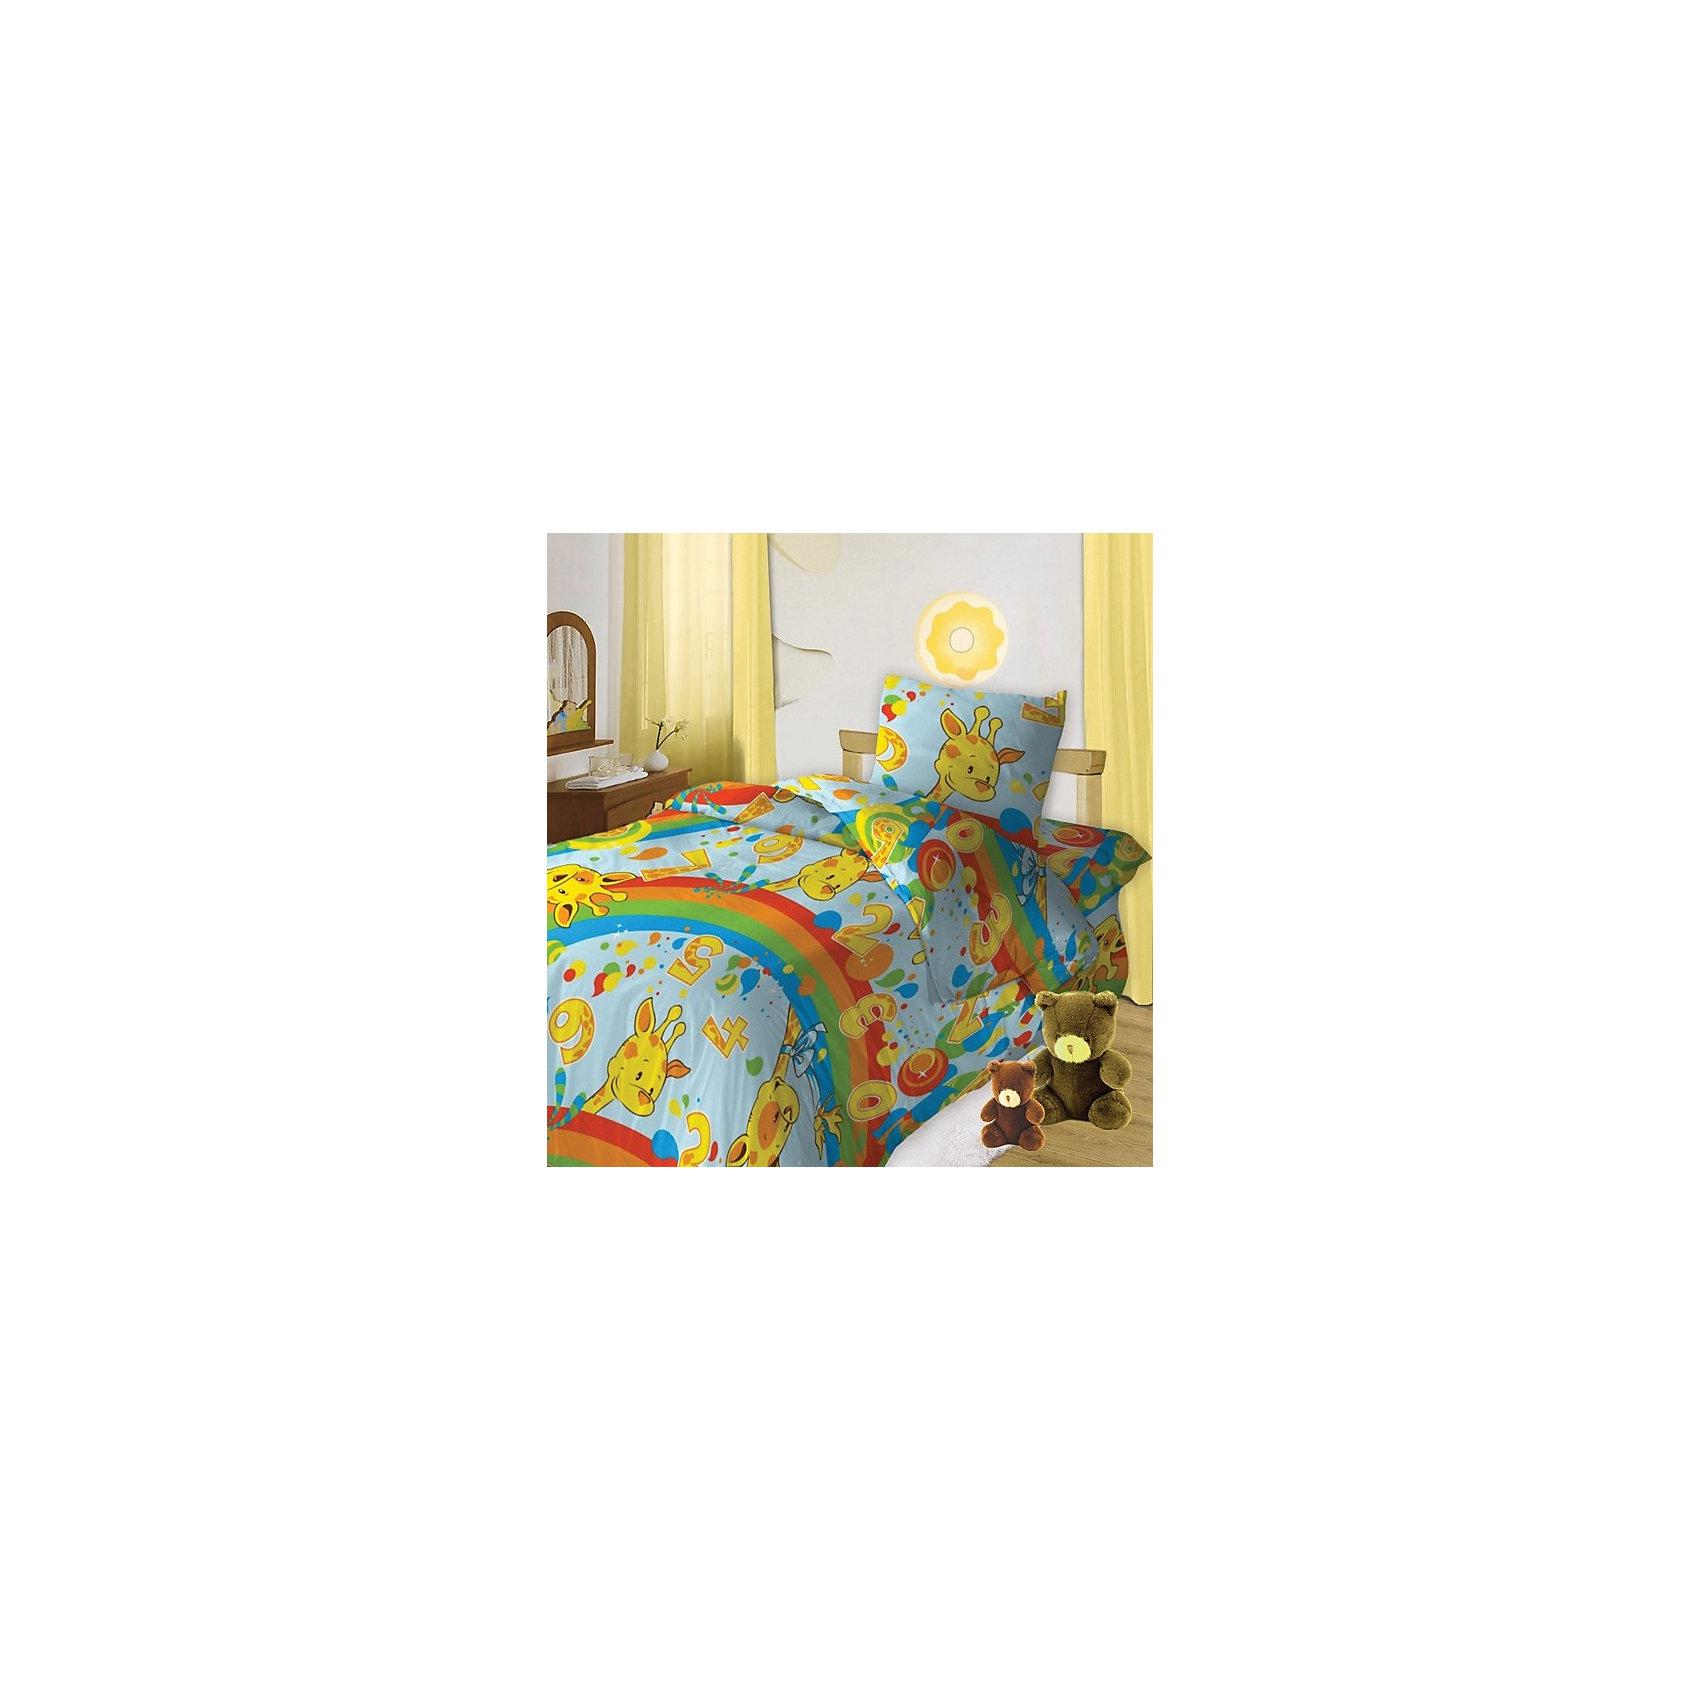 Комплект Веселый счет 1,5-спальный, Кошки-МышкиДомашний текстиль<br>Полутораспальный комплект постельного белья Веселый счет, Кошки-Мышки – приятное к телу детское постельное белье для спальни Вашего ребенка.<br><br>Детское постельное белье «Веселый счет» изготовлено из высококачественной бязи. Оно обладает высоким качеством, не вызывает аллергию и не раздражает кожу. Комплект поможет окунуться в мир сказок и будет наполнять детскую спальню добрыми и позитивными эмоциями. Рисунок на белье – это веселые жирафы, радуга и цифры, разбросанные повсюду, поэтому Ваш малыш сможет в игровой форме познакомиться со счетом.<br><br>Дополнительная информация:<br>-Материалы: бязь (100% хлопок)<br>-Размеры: <br>пододеяльник 143х215 см, <br>простыня 150х215 см, <br>наволочка 70х70 см<br>-Комплектация: пододеяльник, простыня, наволочка (1 шт.)<br><br>Яркий постельный набор позволит вашему ребенку почувствовать себя волшебно в своем маленьком уютном мире. Его ждут самые яркие сказочные сны!<br><br>Комплект постельного белья Веселый счет 1,5 спальный, Кошки-Мышки можно купить в нашем магазине.<br><br>Ширина мм: 360<br>Глубина мм: 280<br>Высота мм: 60<br>Вес г: 1400<br>Возраст от месяцев: 36<br>Возраст до месяцев: 144<br>Пол: Унисекс<br>Возраст: Детский<br>SKU: 3615500